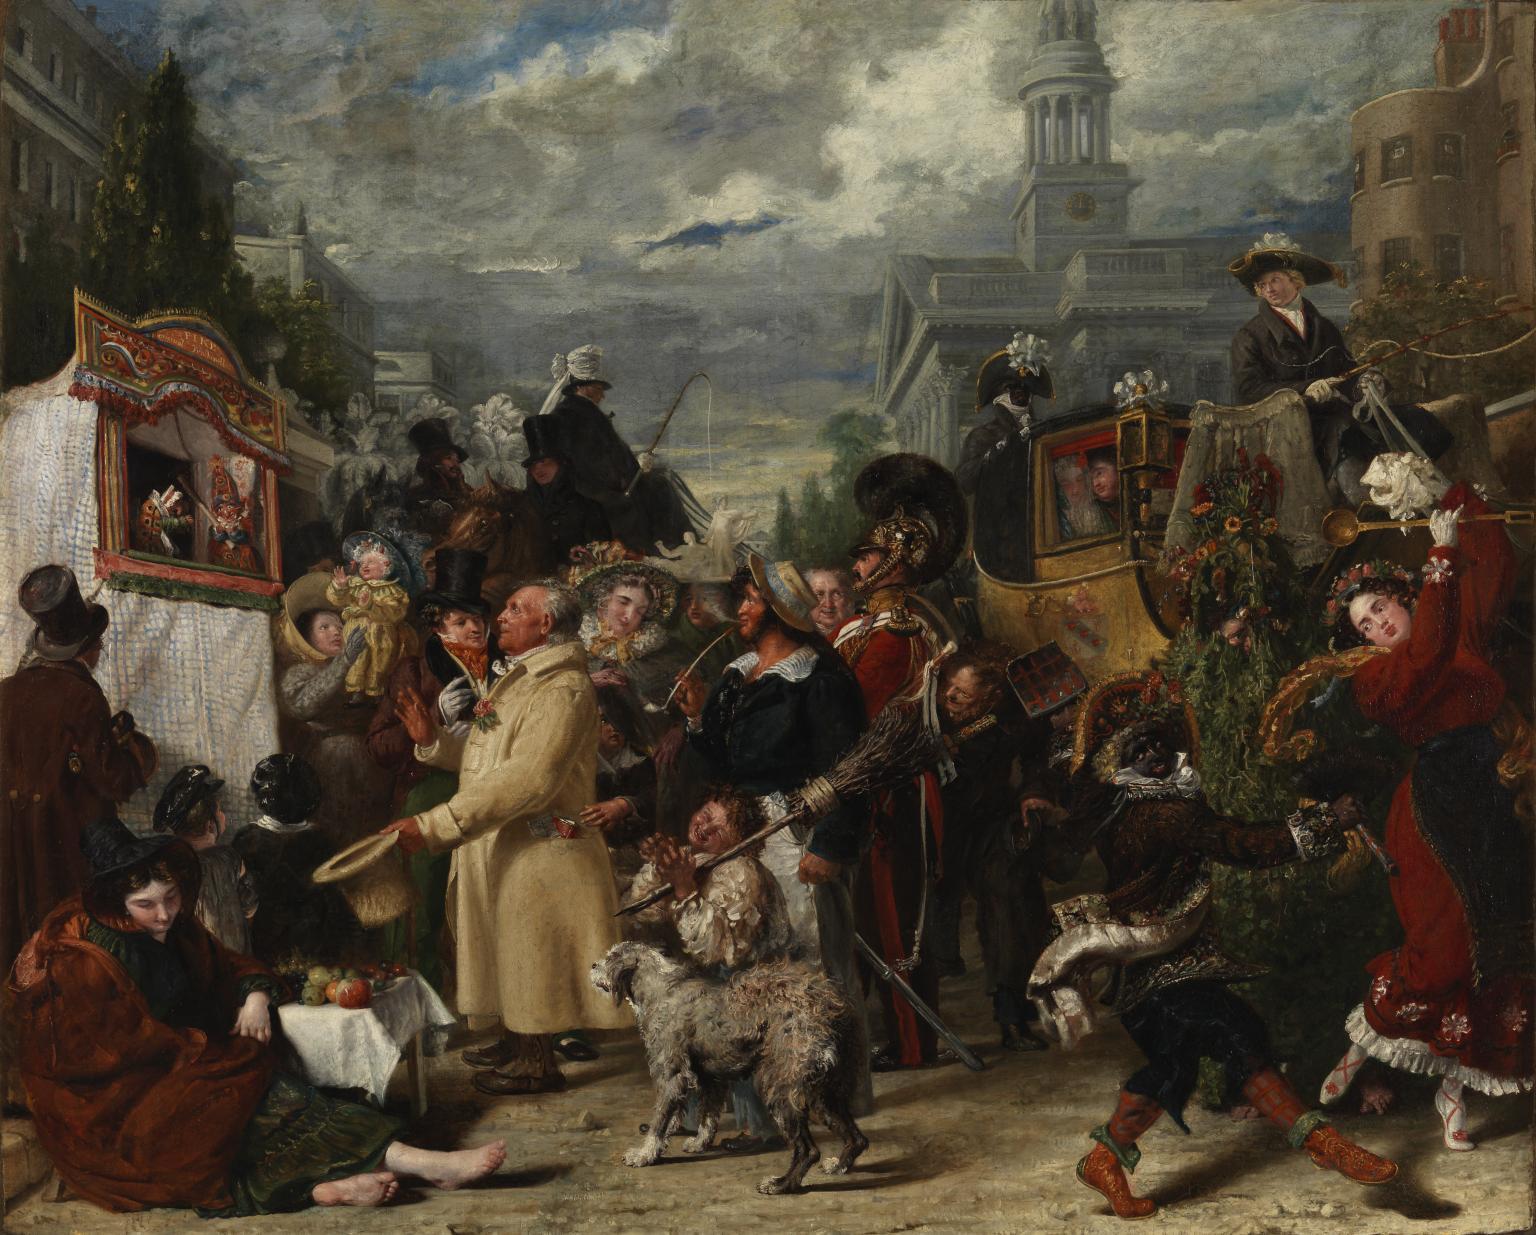 Punch or May Day 1829 by Benjamin Robert Haydon 1786-1846